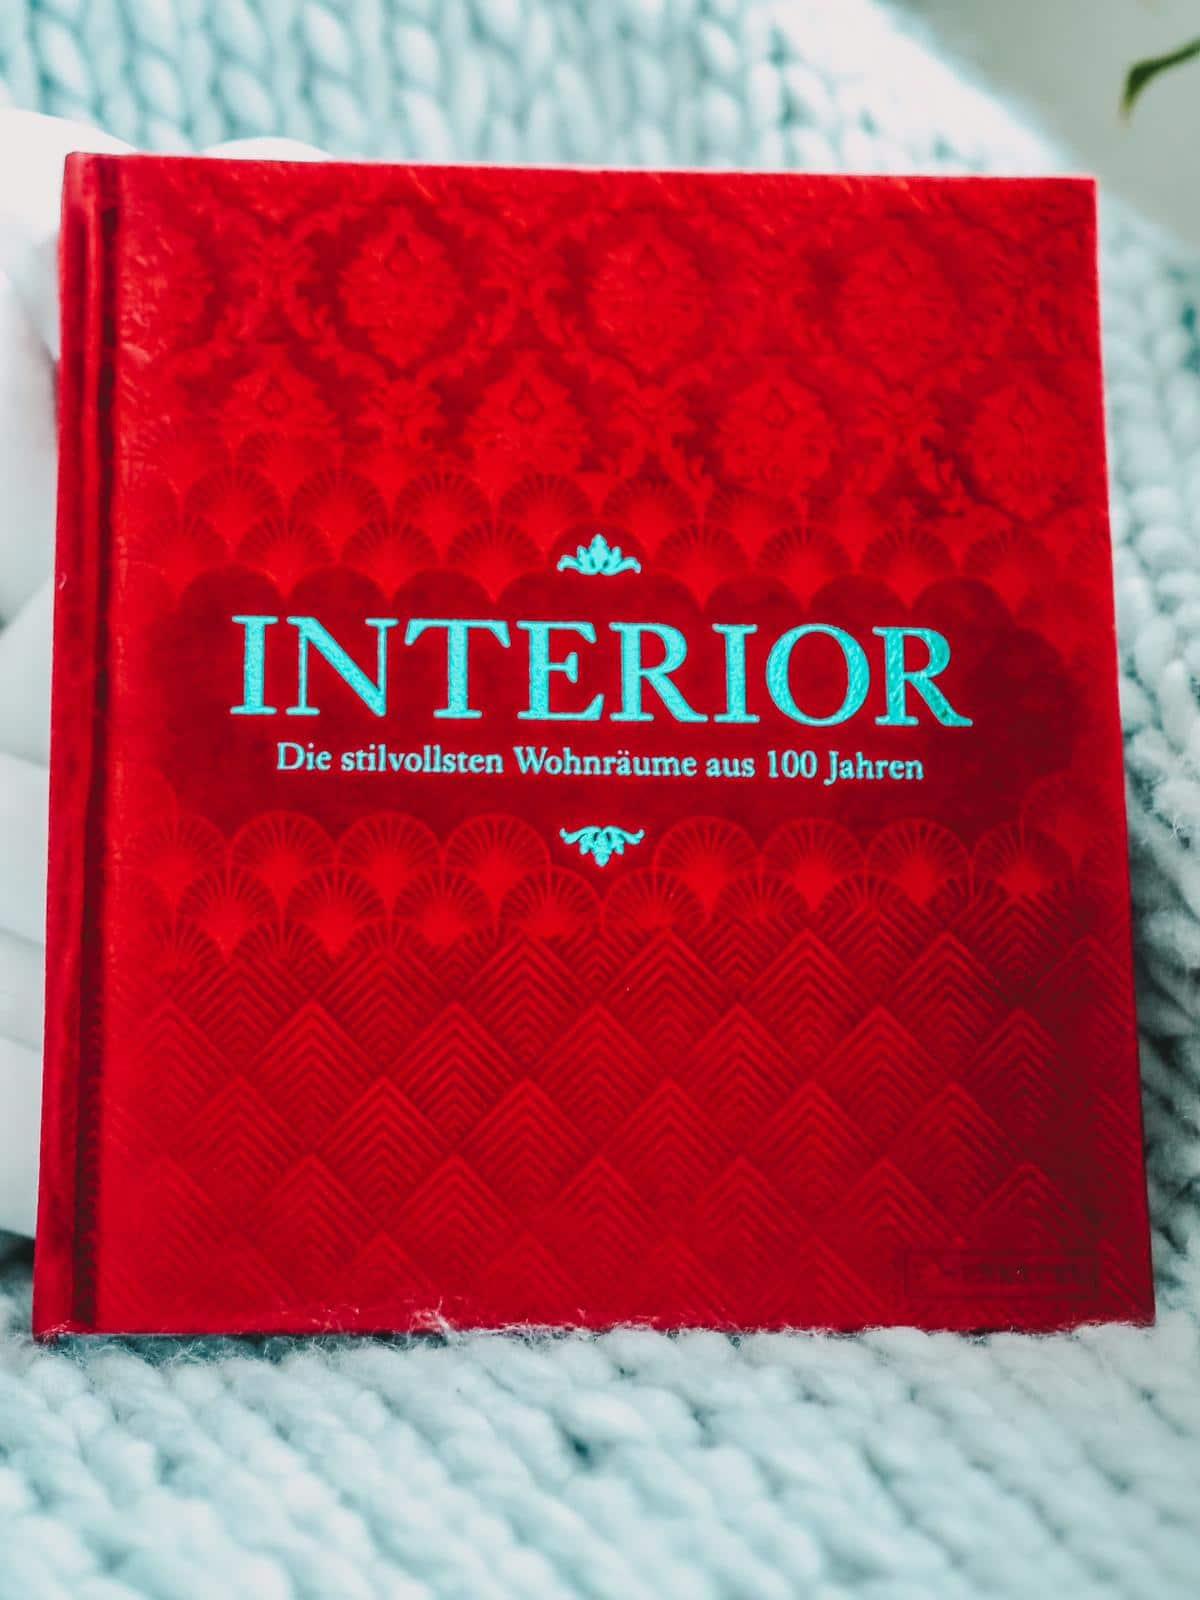 Das Buch Interor ist mit Samt unterlegt